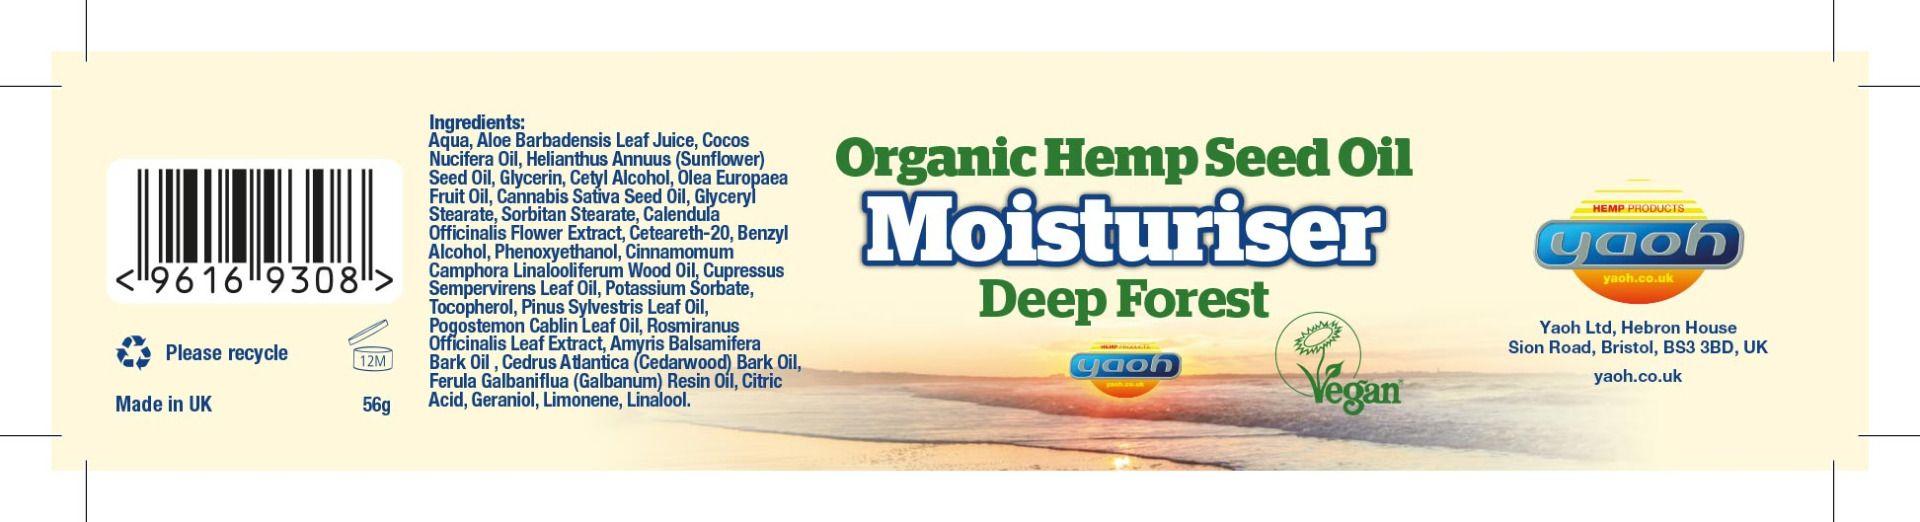 Hemp Seed Oil Moisturiser - Deep Forest